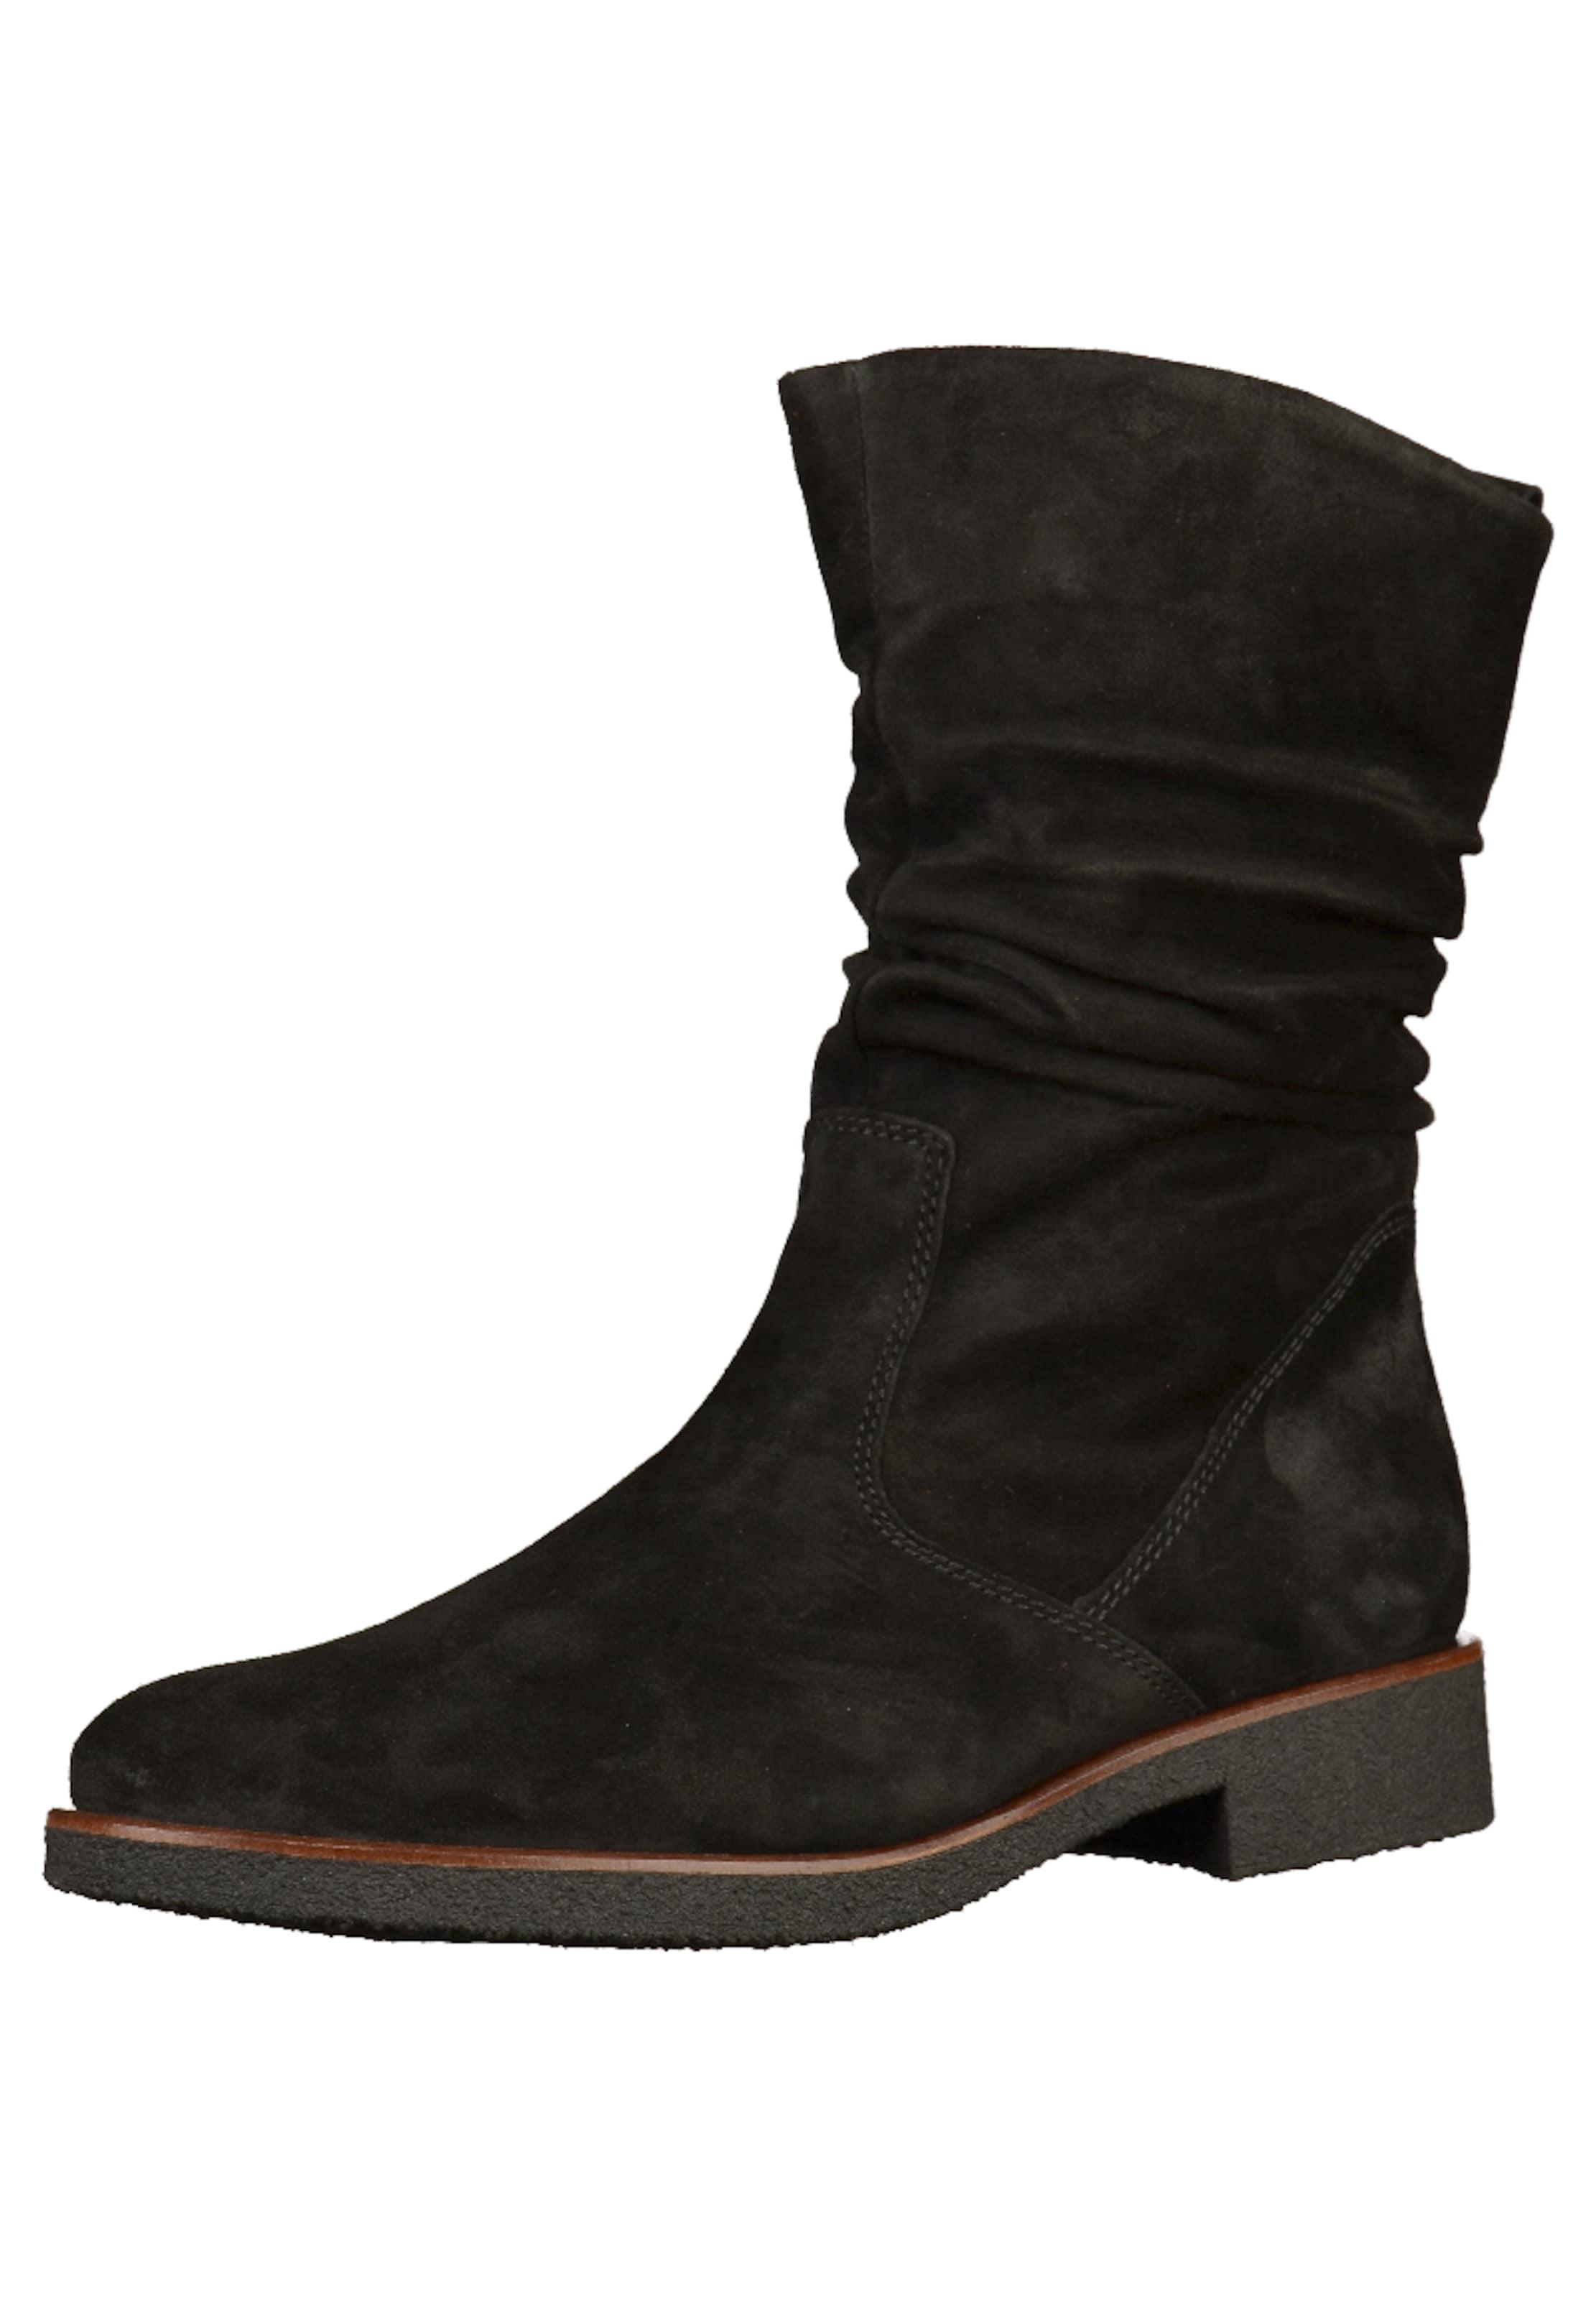 GABOR Stiefel Verschleißfeste billige Schuhe Hohe Qualität